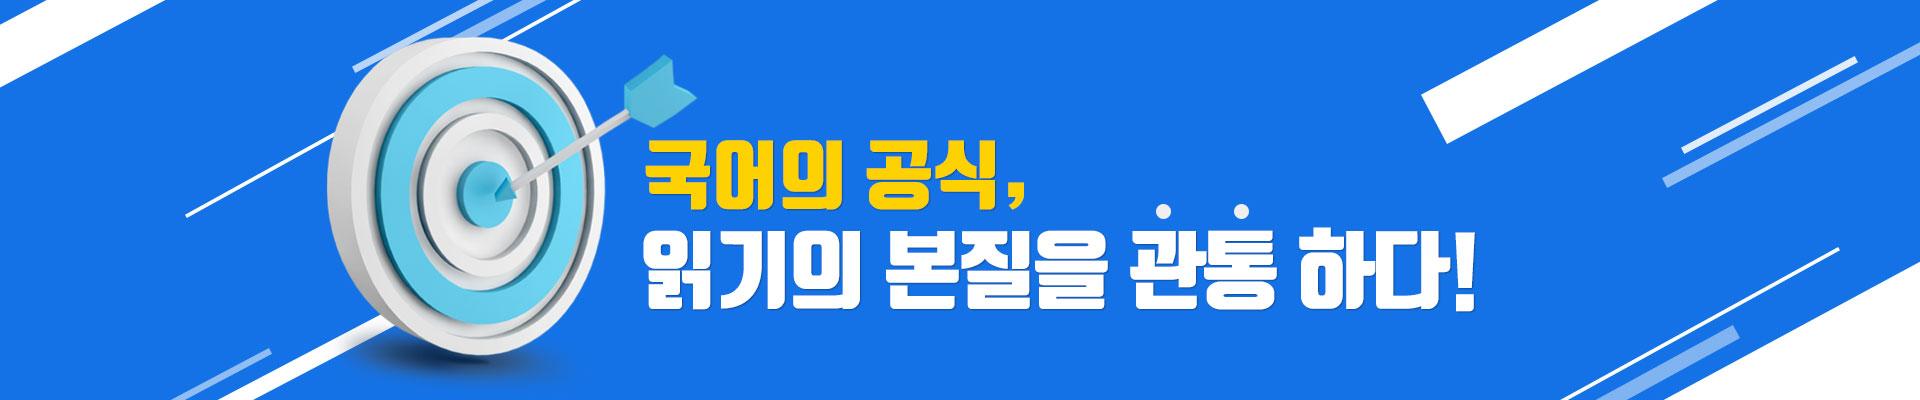 main_banner_03